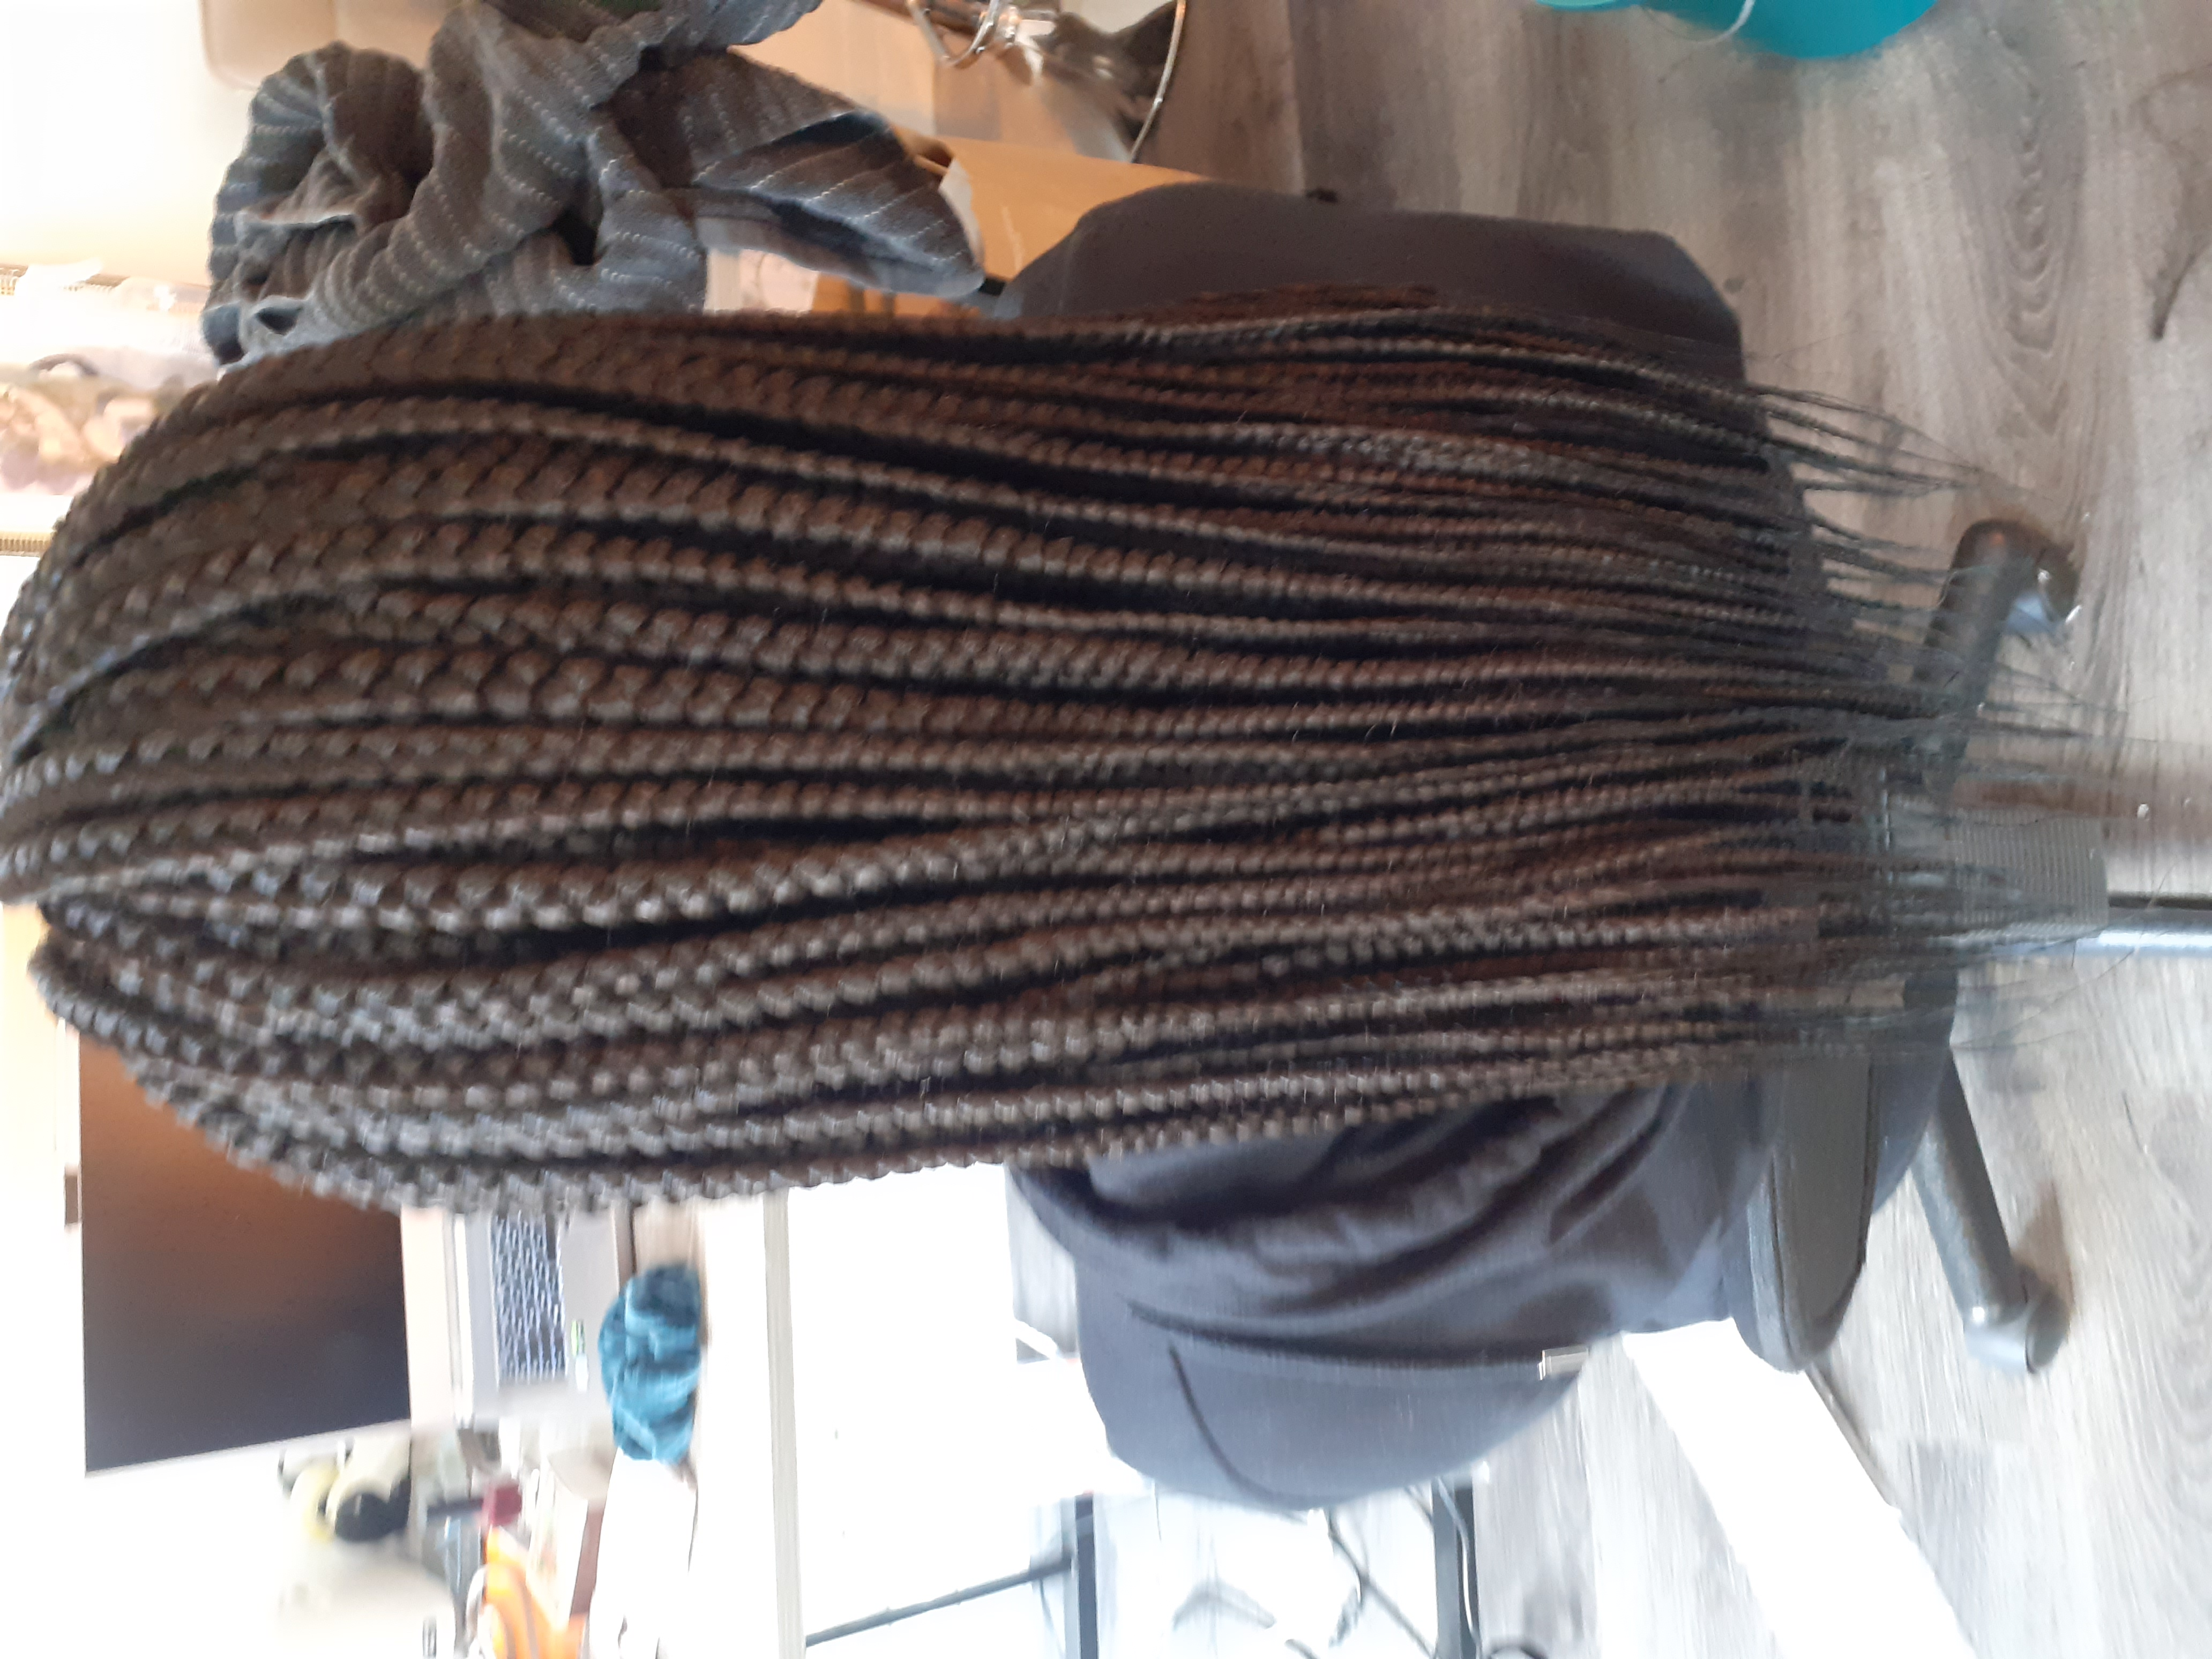 salon de coiffure afro tresse tresses box braids crochet braids vanilles tissages paris 75 77 78 91 92 93 94 95 BTOALCNF